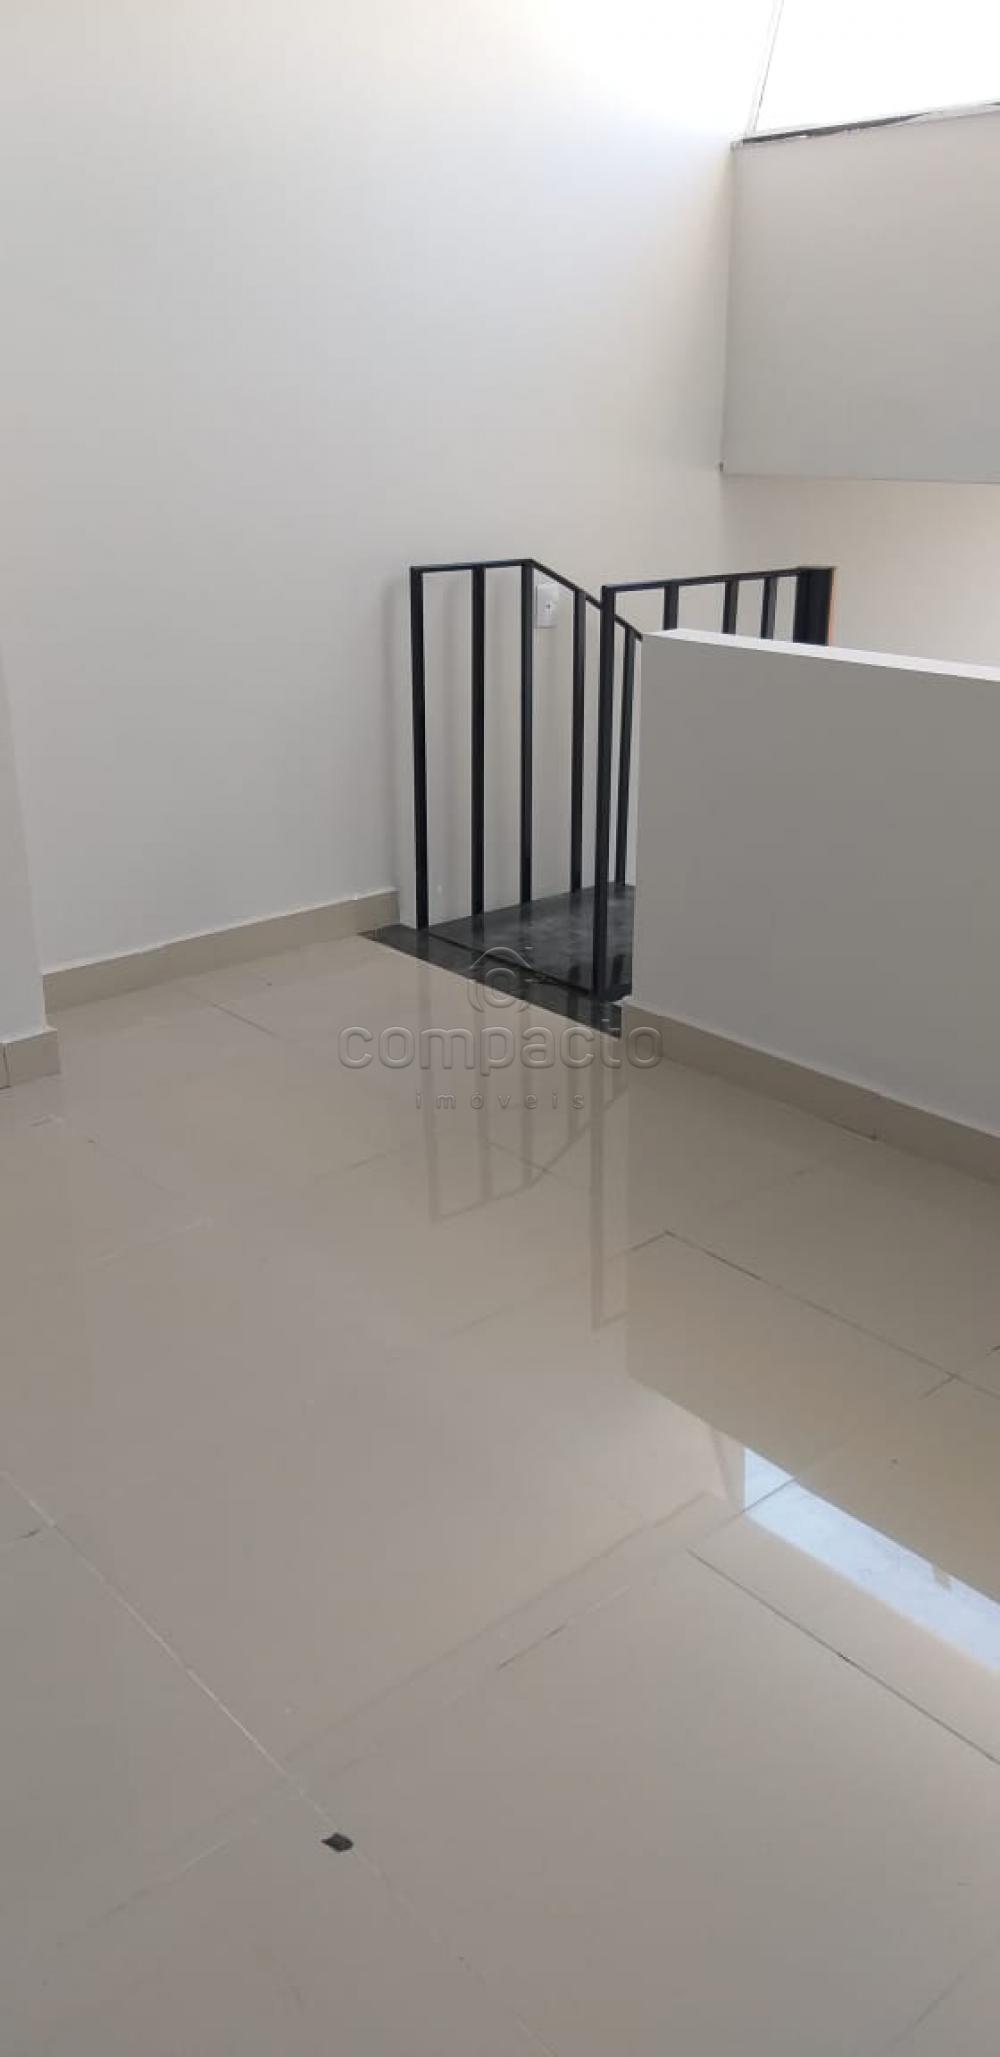 Alugar Comercial / Loja/Sala em São José do Rio Preto apenas R$ 1.050,00 - Foto 7